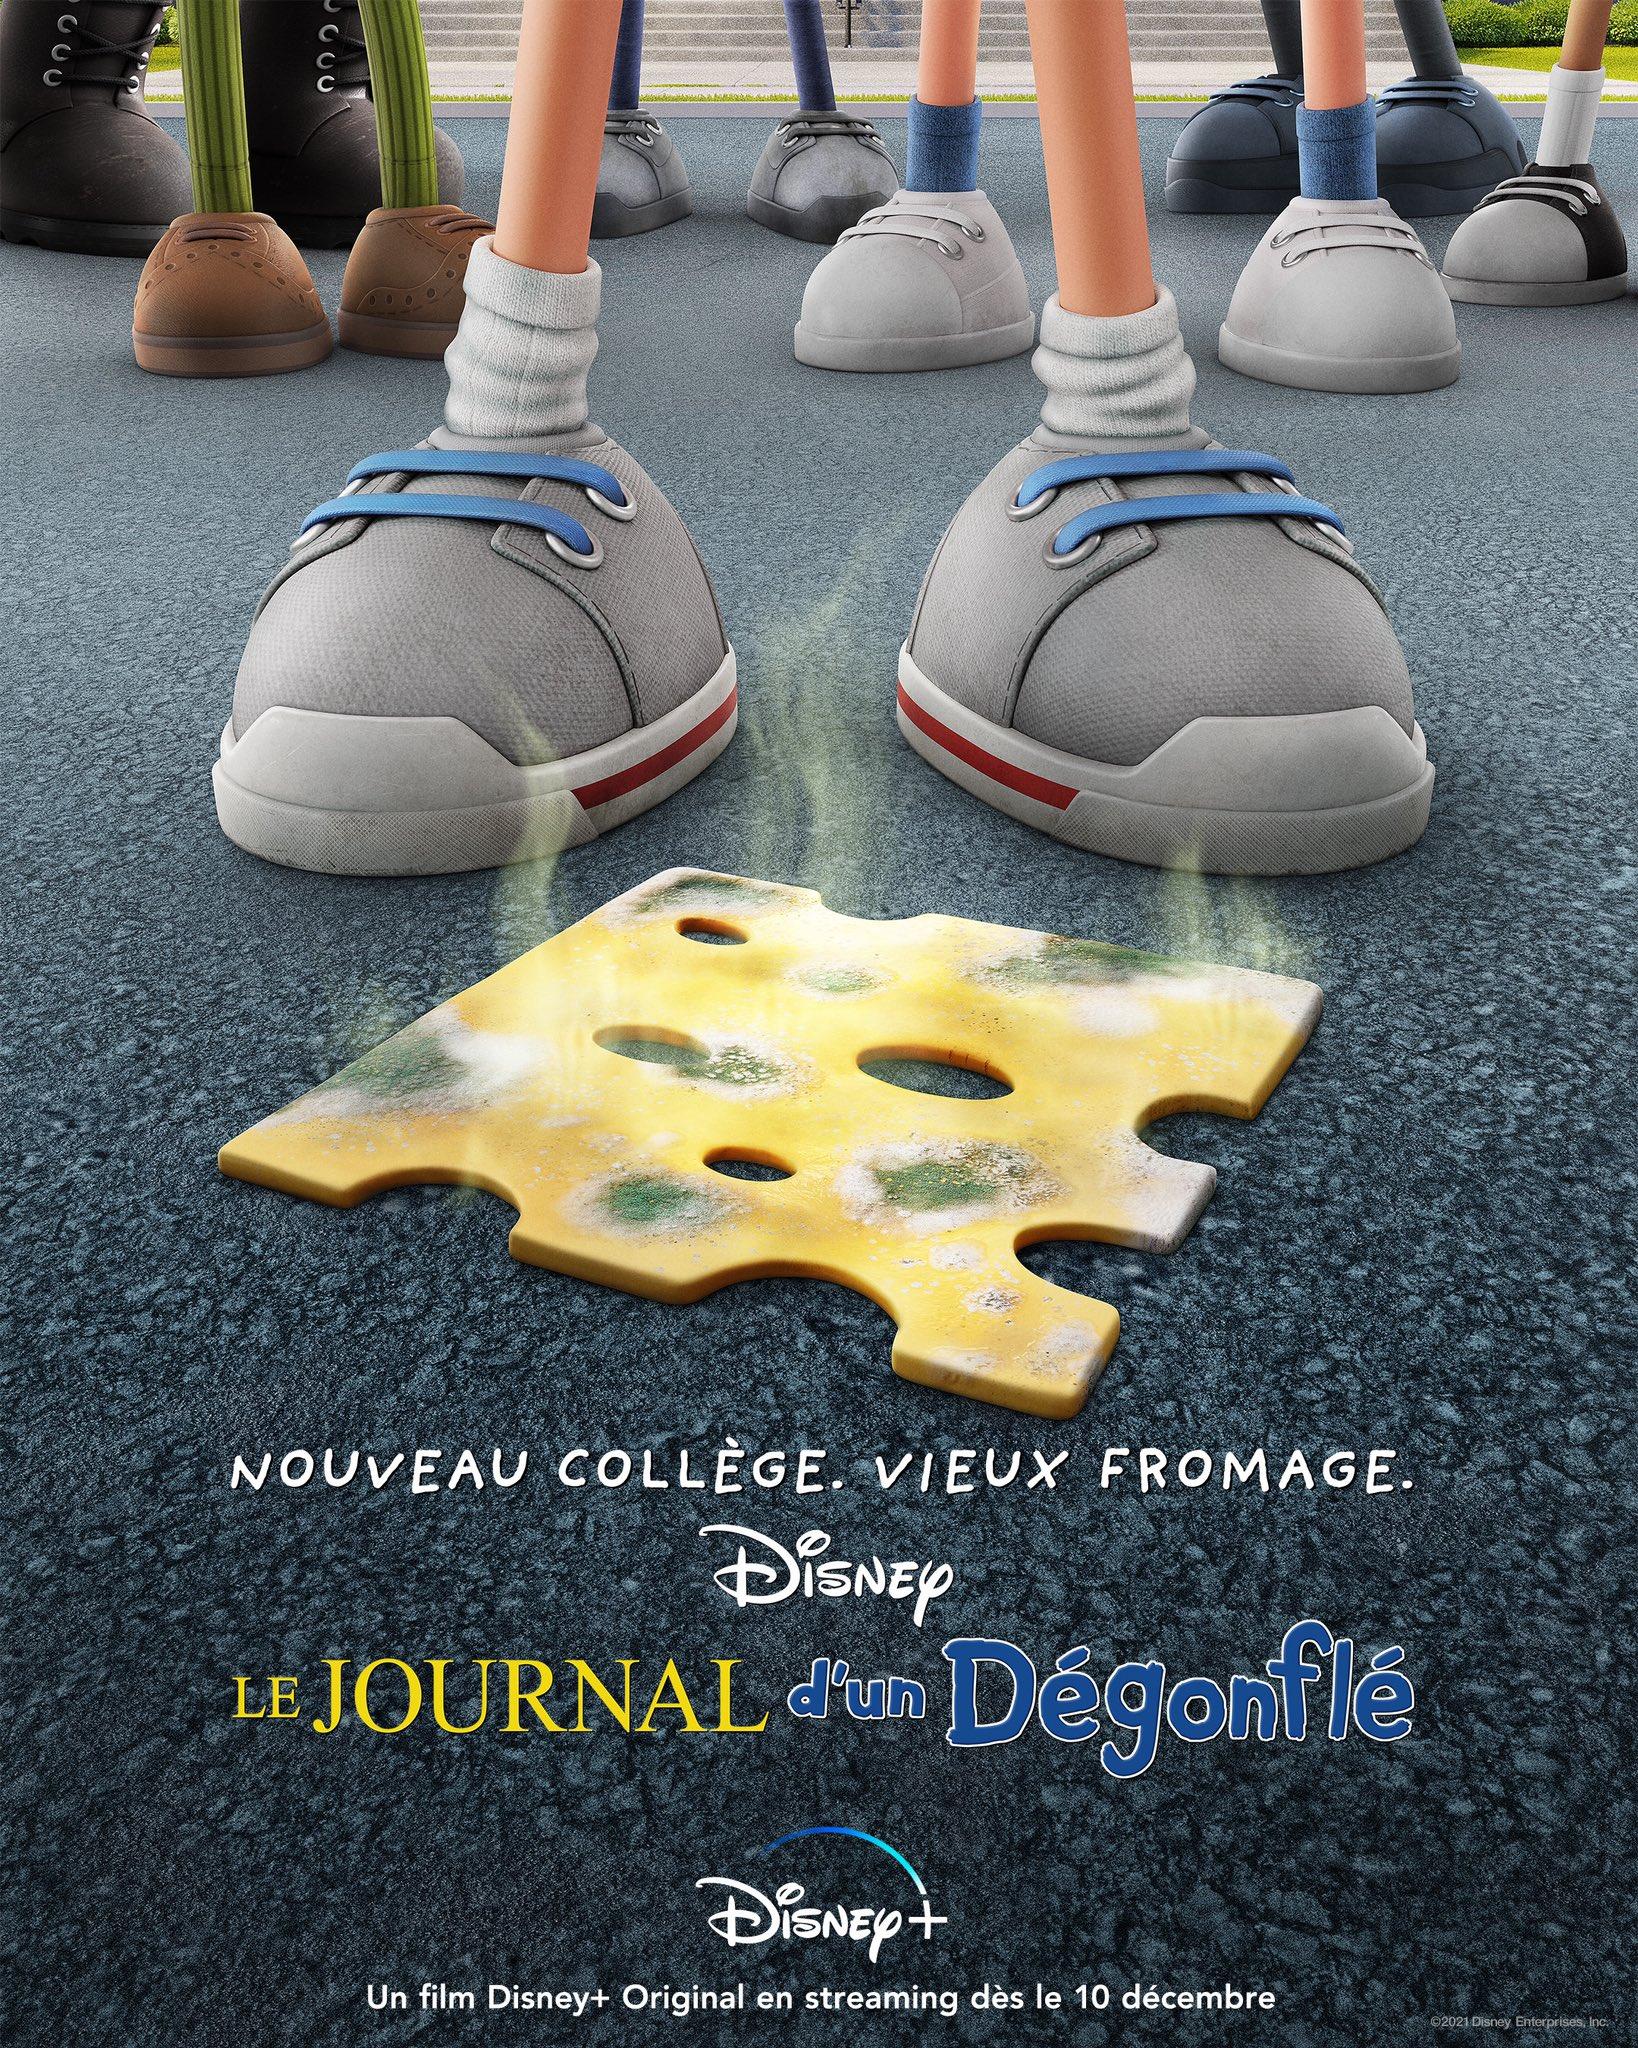 Le Journal d'un Dégonflé [20th Century - 2021] E-Sd2vFXIAAalQe?format=jpg&name=large